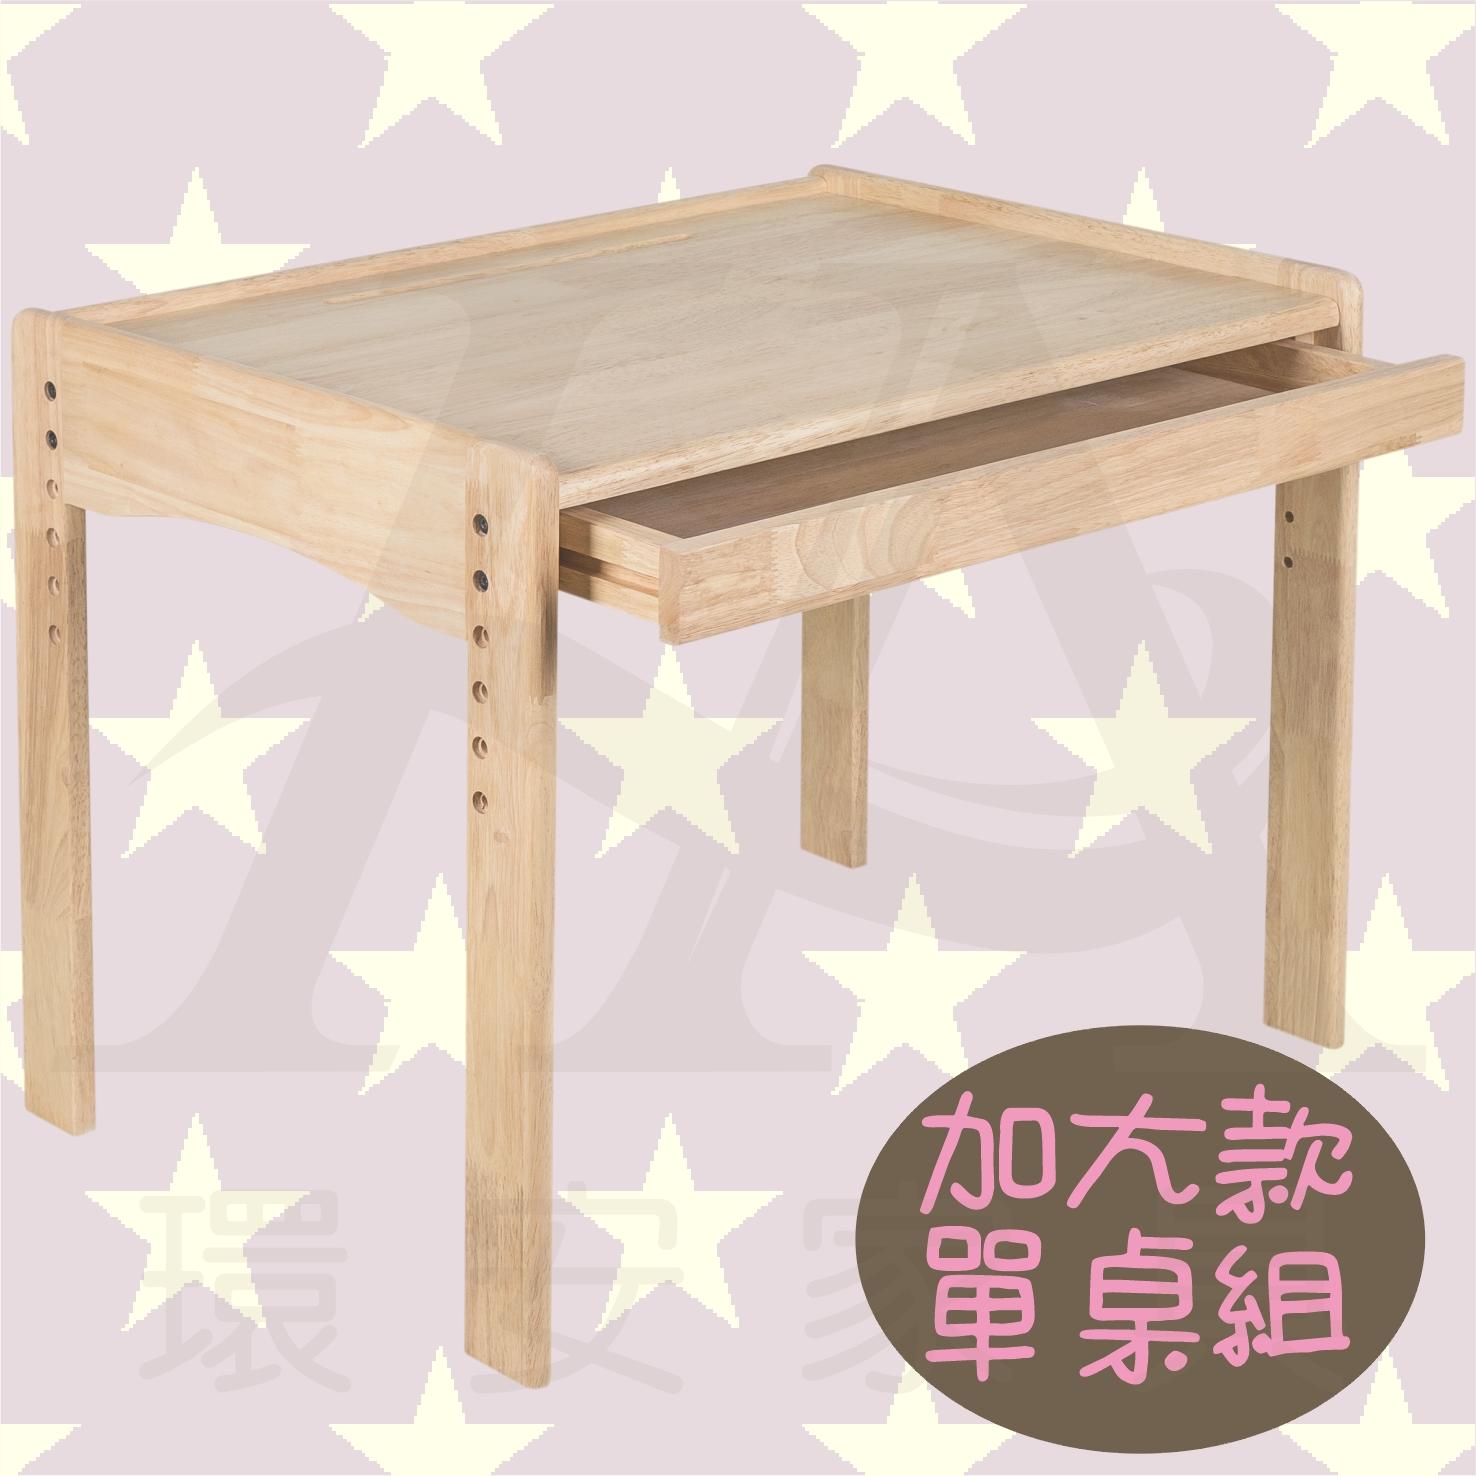 環安家具-幼兒成長桌椅組/加大款/單桌組可五段調整/寶寶 兒童書桌椅